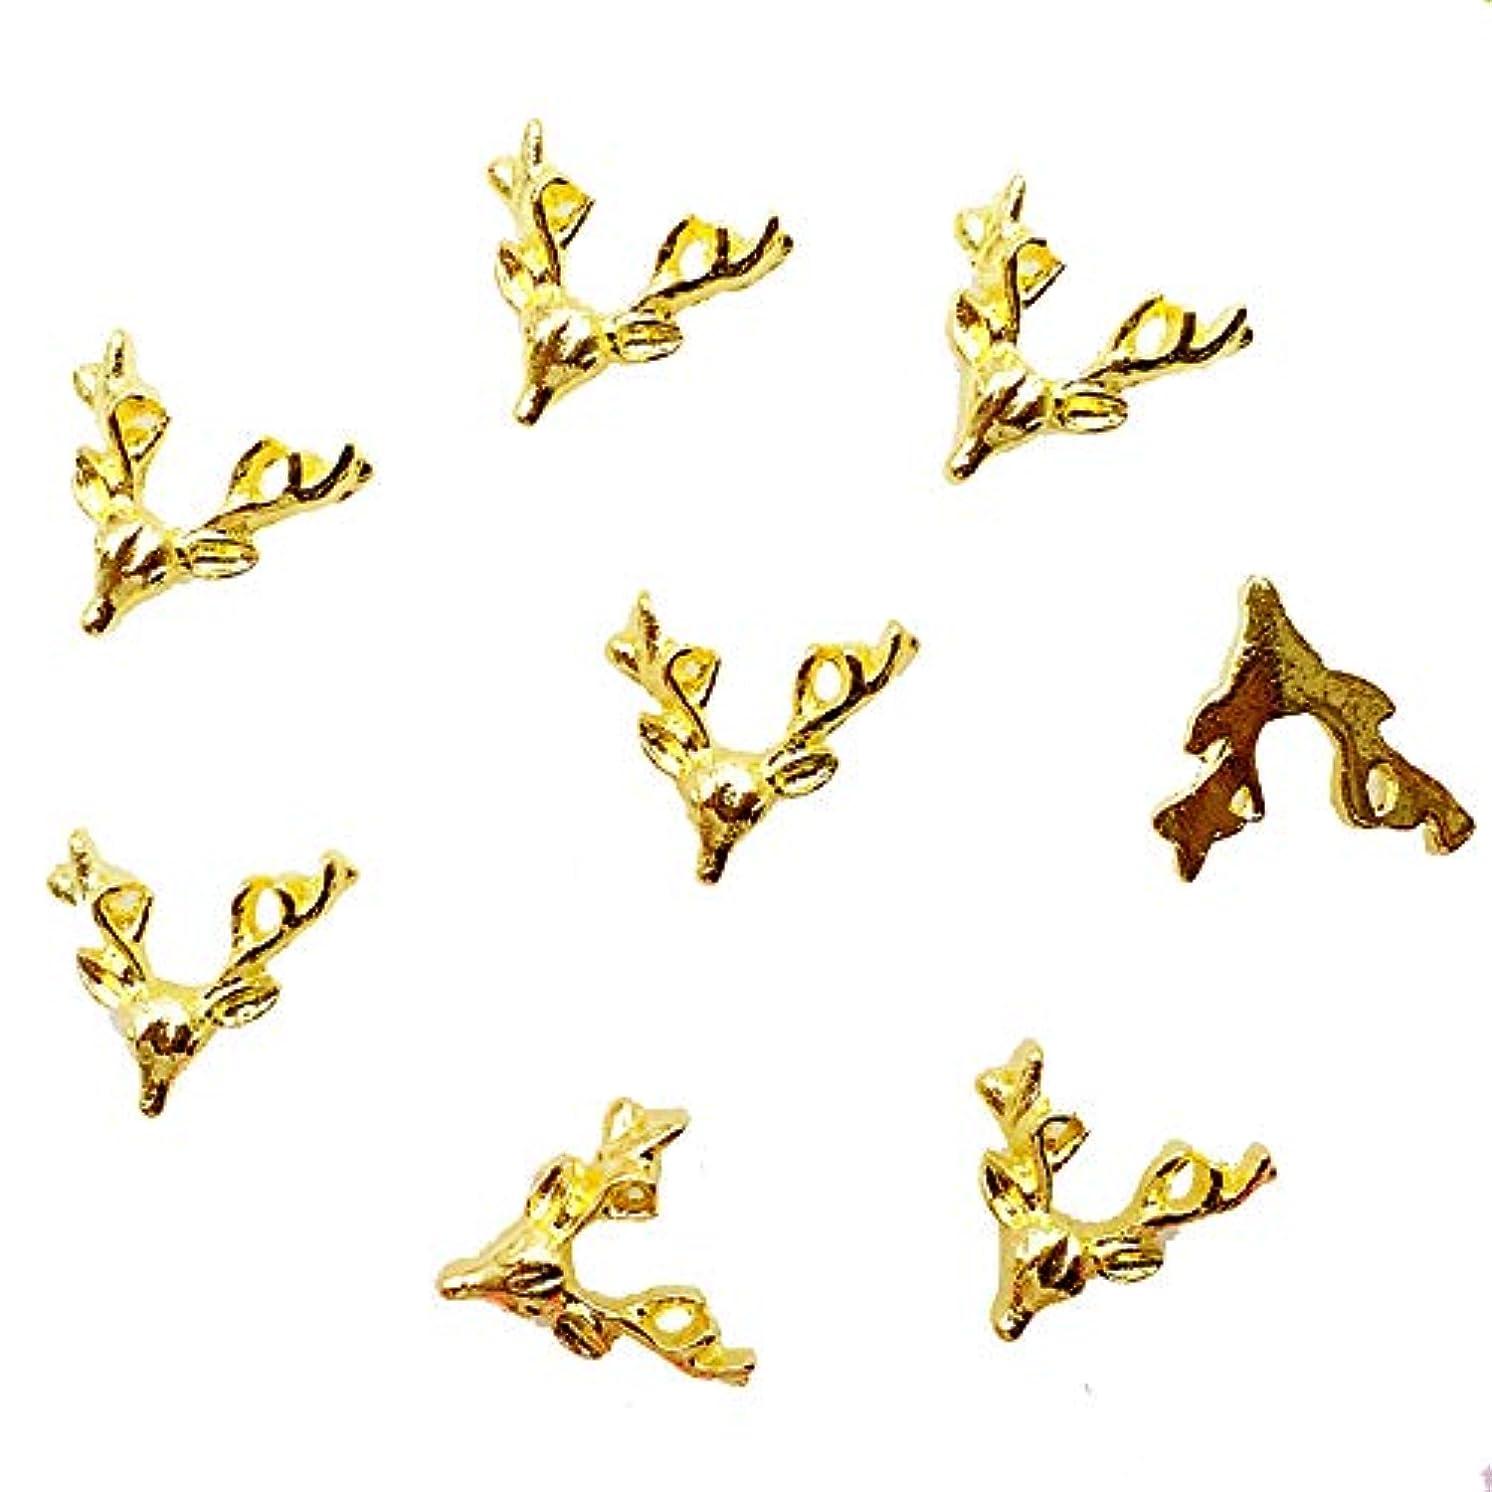 あらゆる種類のむき出し素晴らしきクリスマスのための10pcs /バッグ日本新3Dネイルデコメタル合金かわいい鹿の頭のネイルアクセサリーDIYチャームネイルツール